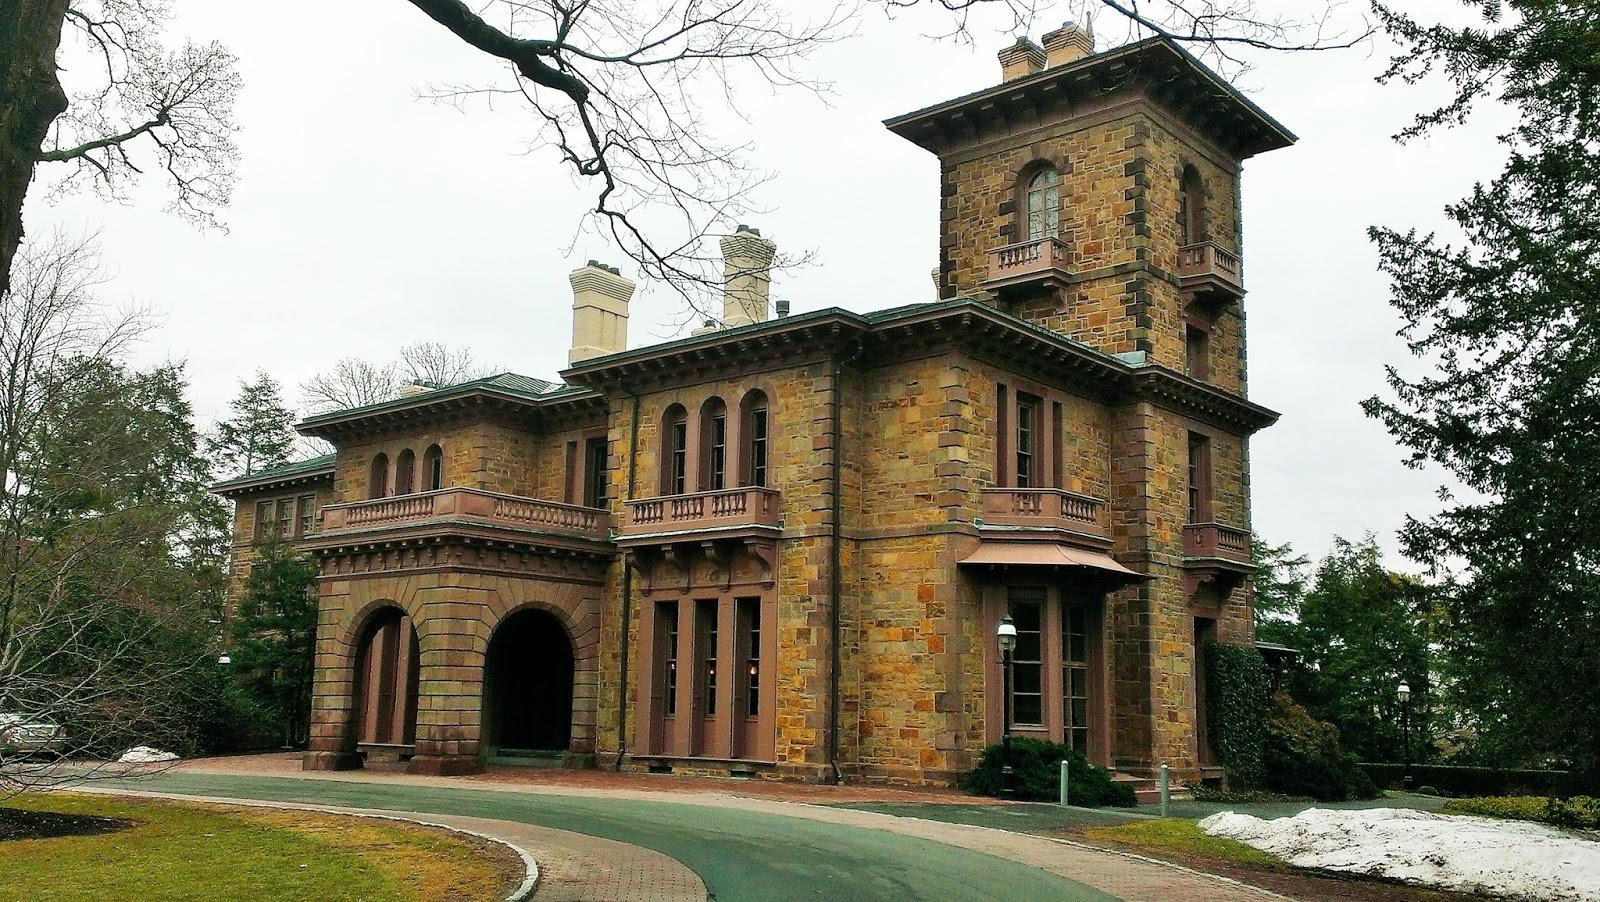 U0027Prospect Houseu0027 The Thomas F. Potter House, Princeton, NJ. U0027